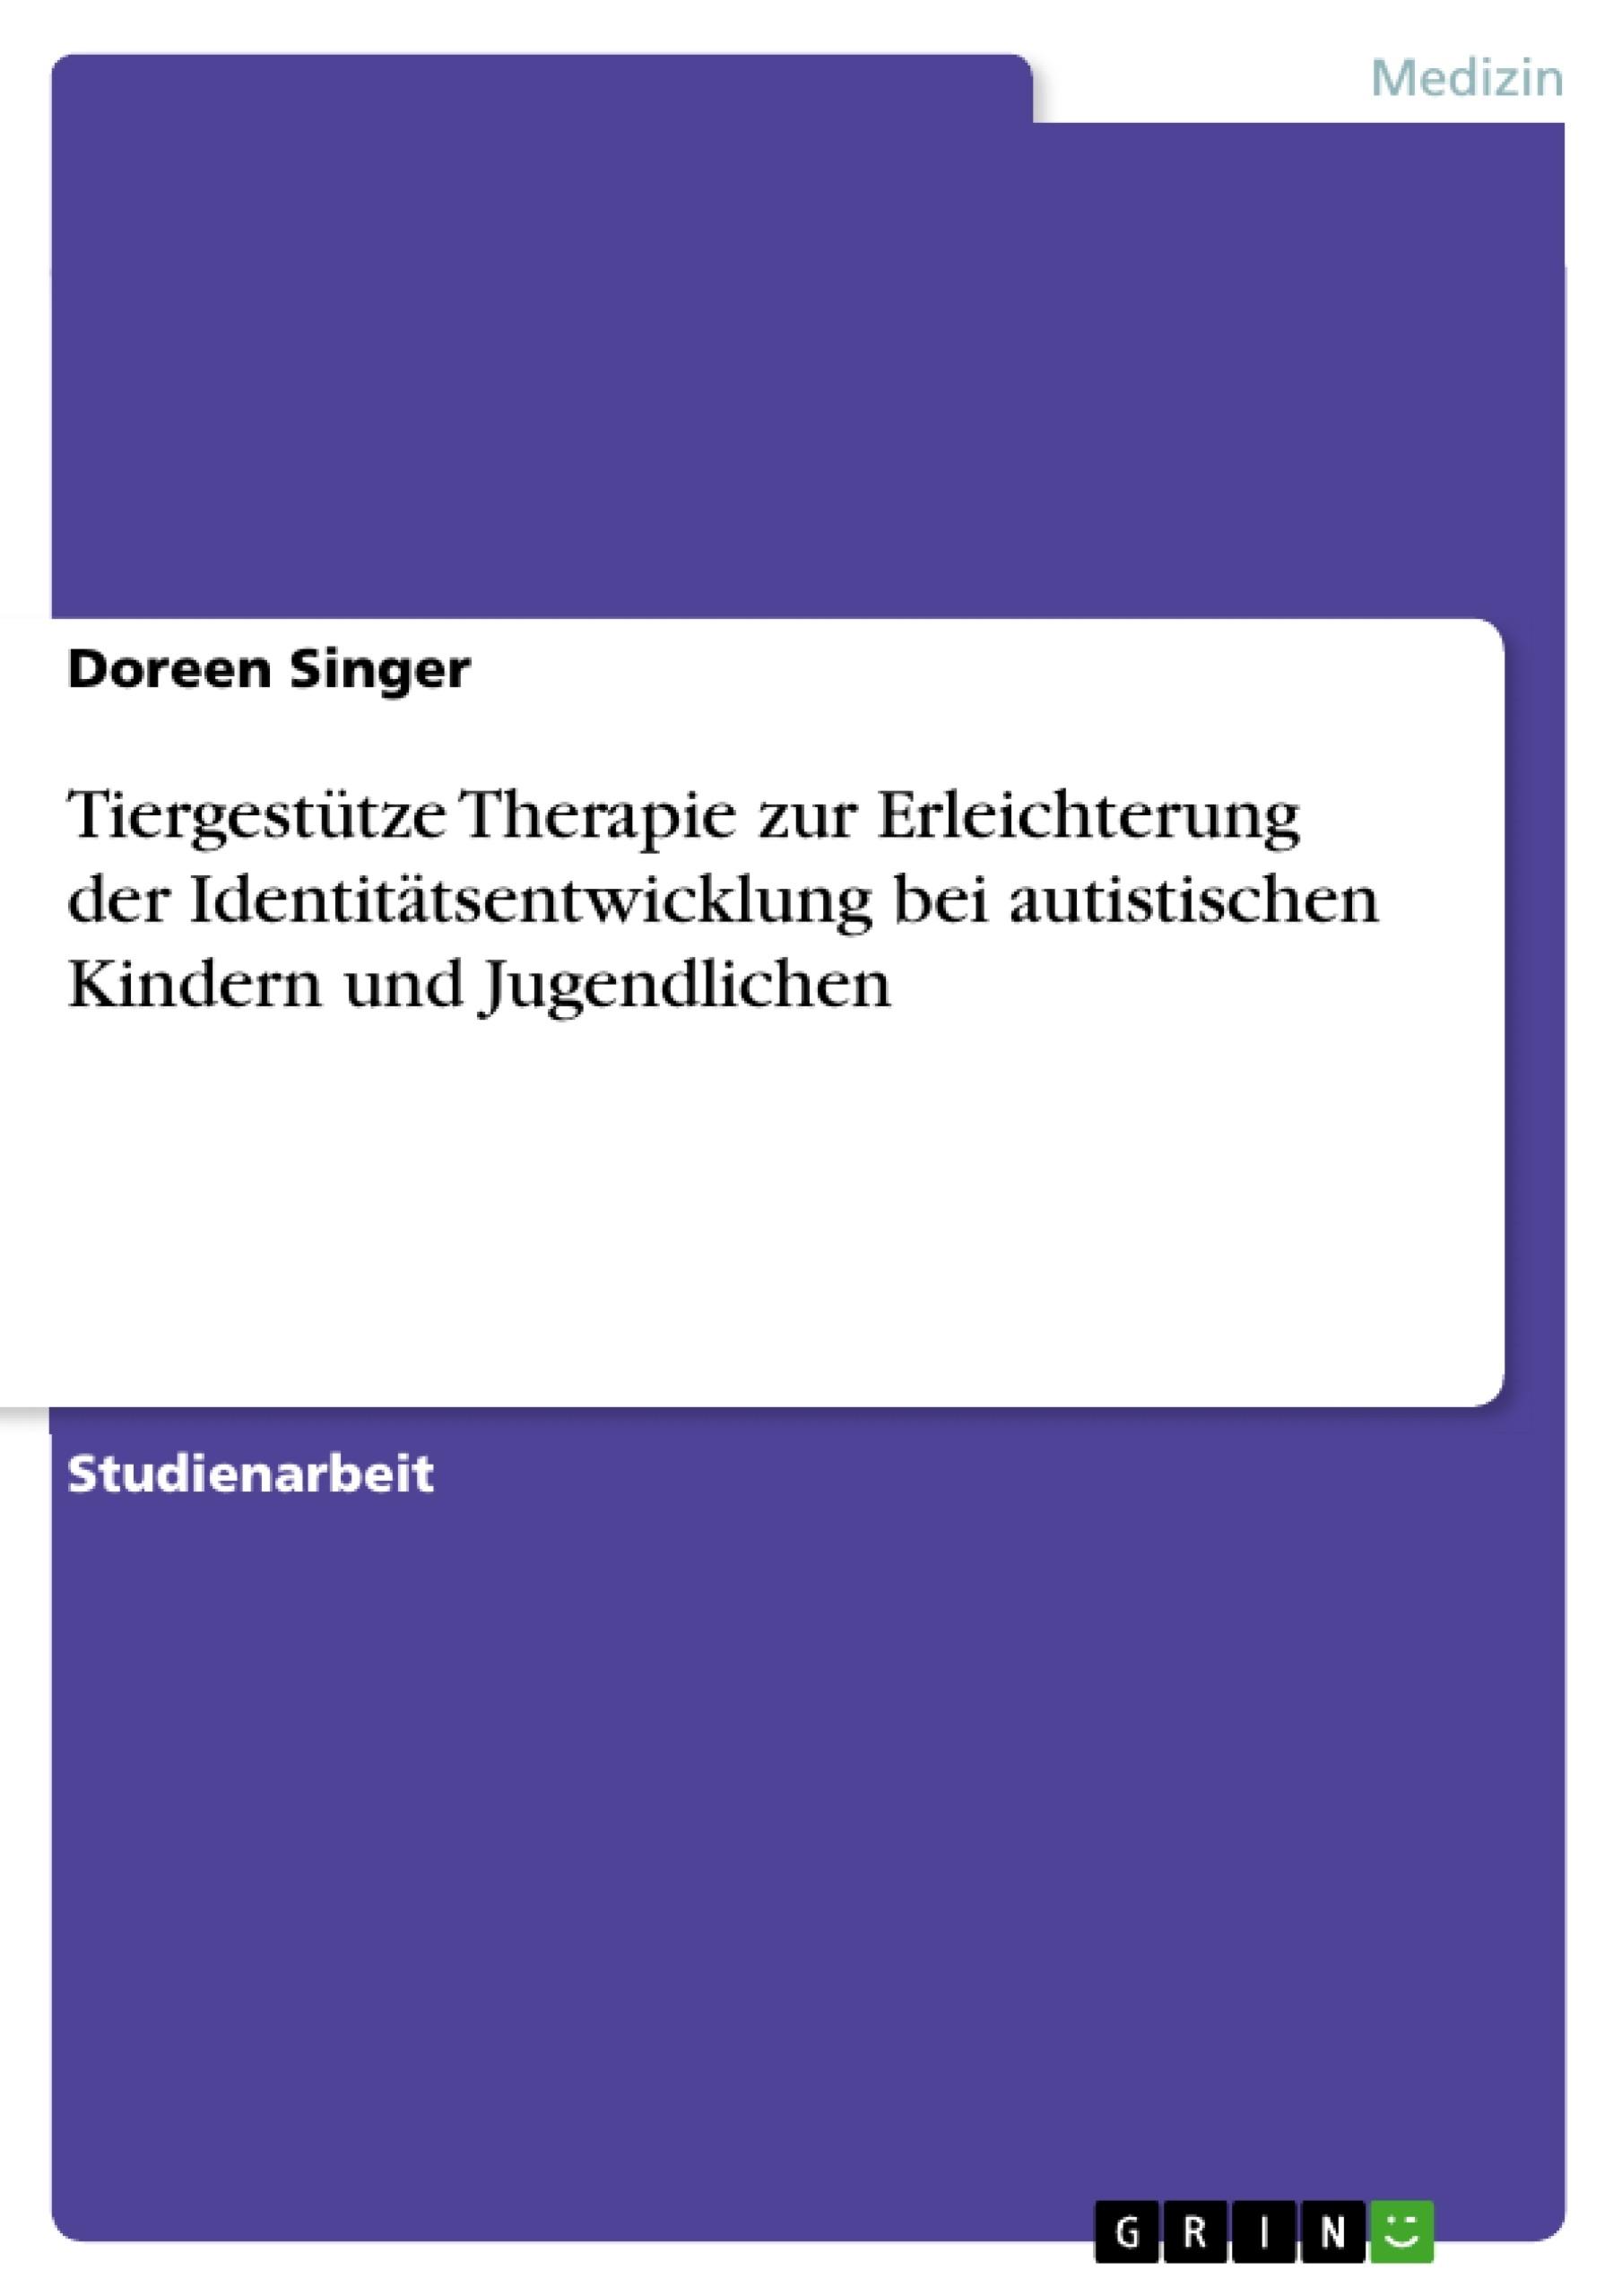 Titel: Tiergestütze Therapie zur Erleichterung der Identitätsentwicklung bei autistischen Kindern und Jugendlichen